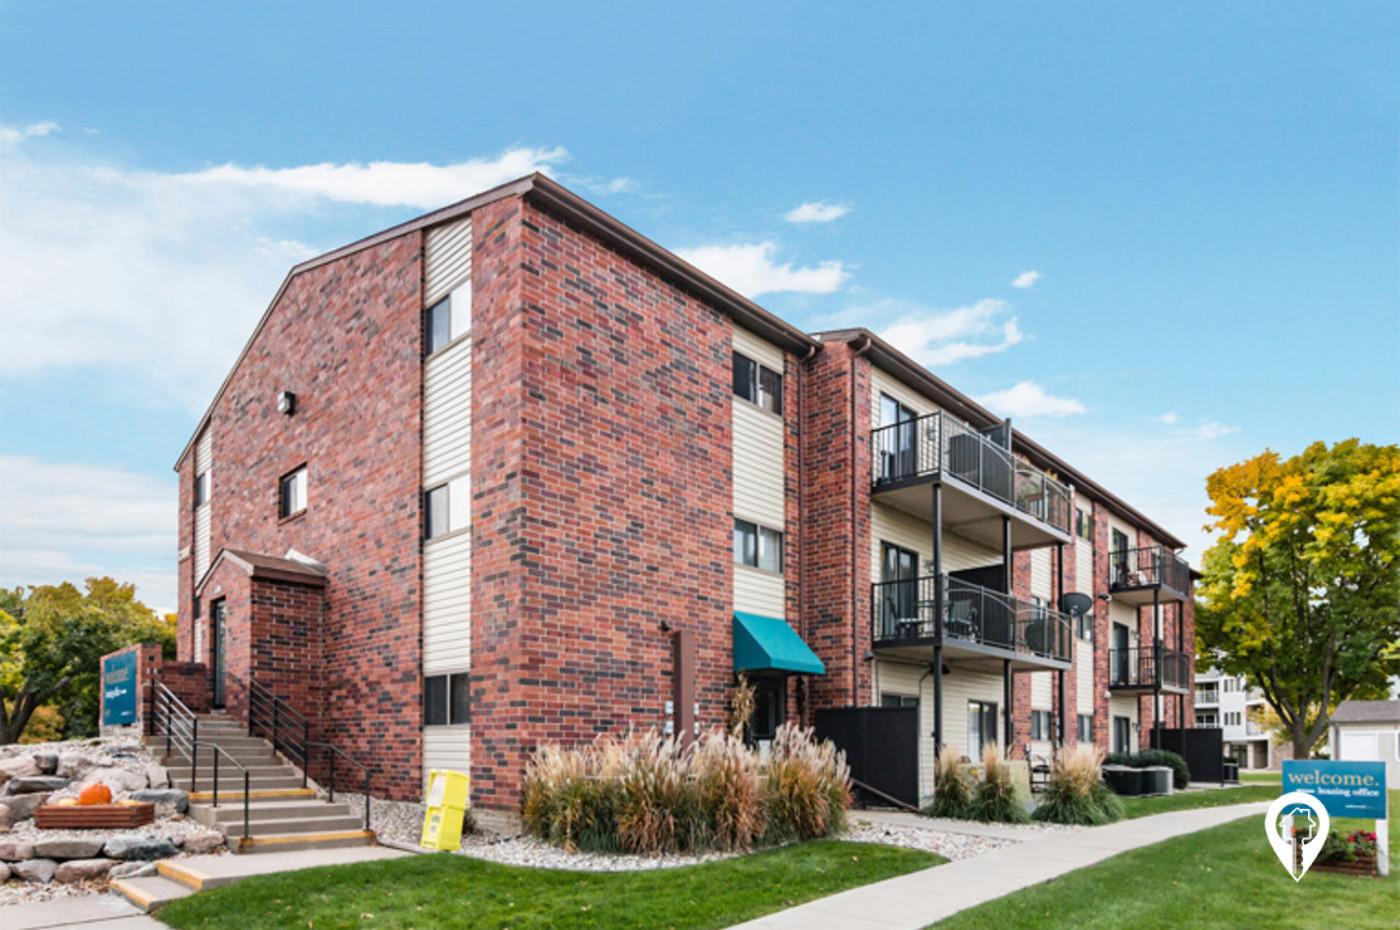 Oakwood-Estates-Apartment-Homes-Welcome-Home-Oakwood-Estates